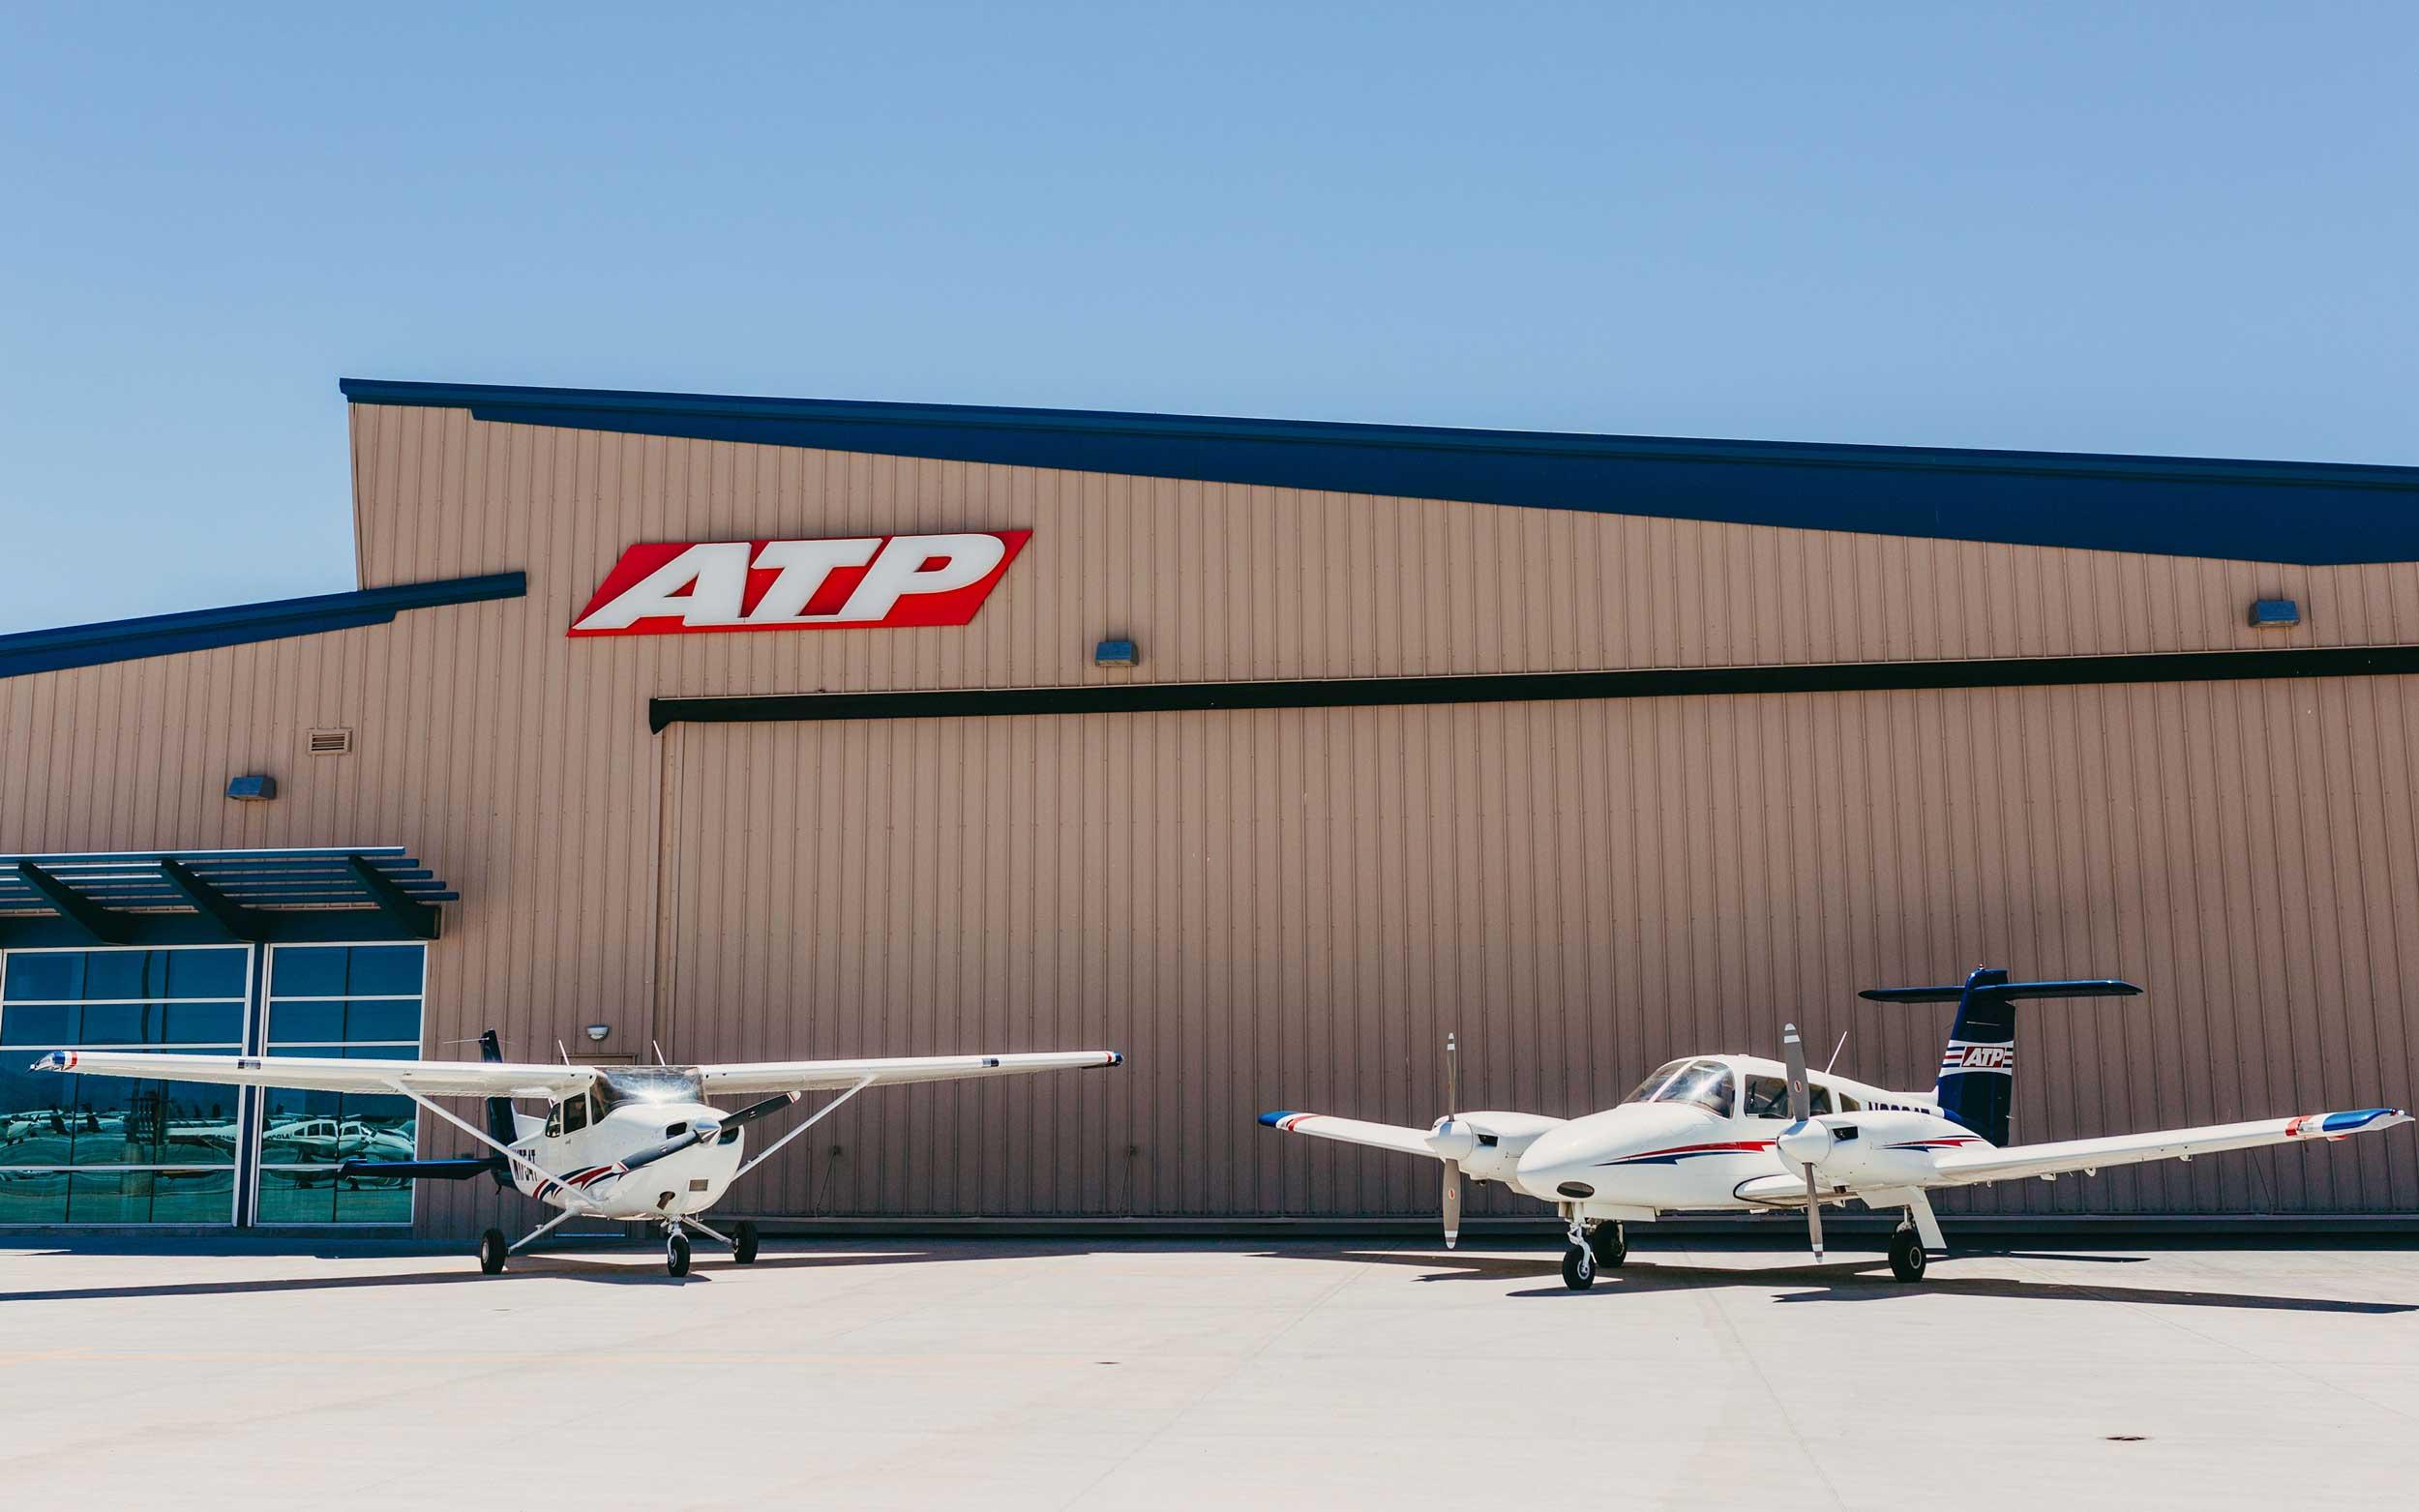 ATP aircraft